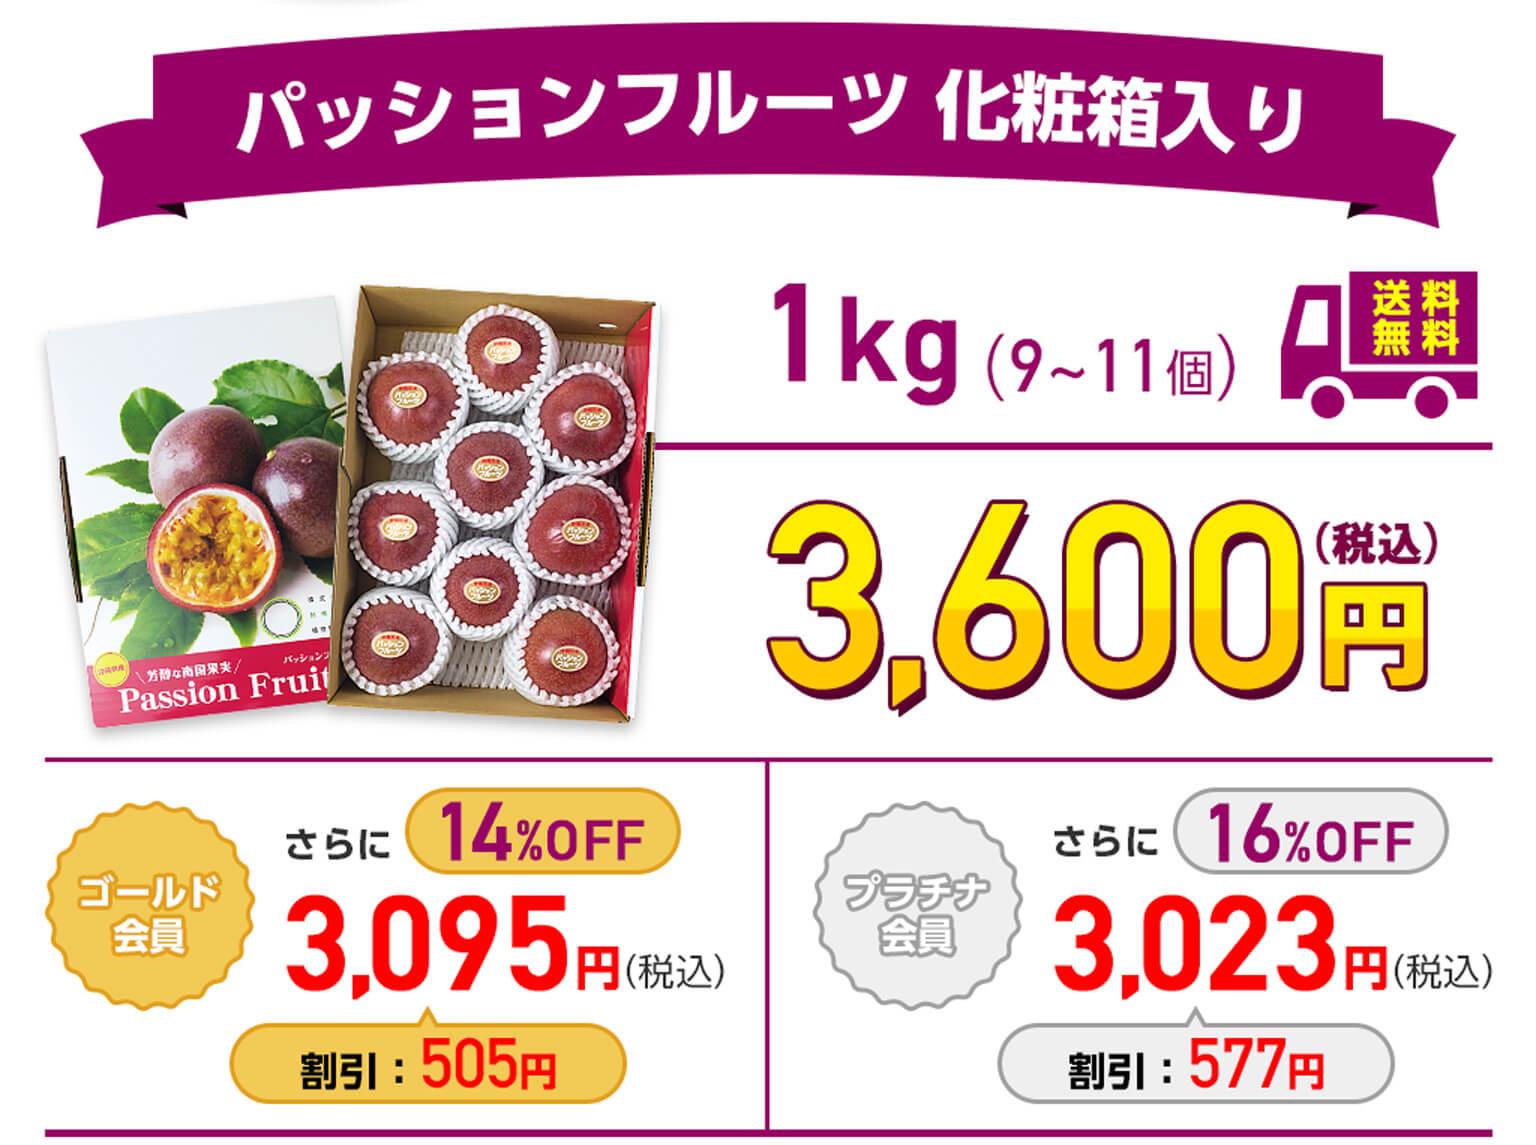 パッションフルーツ1kg